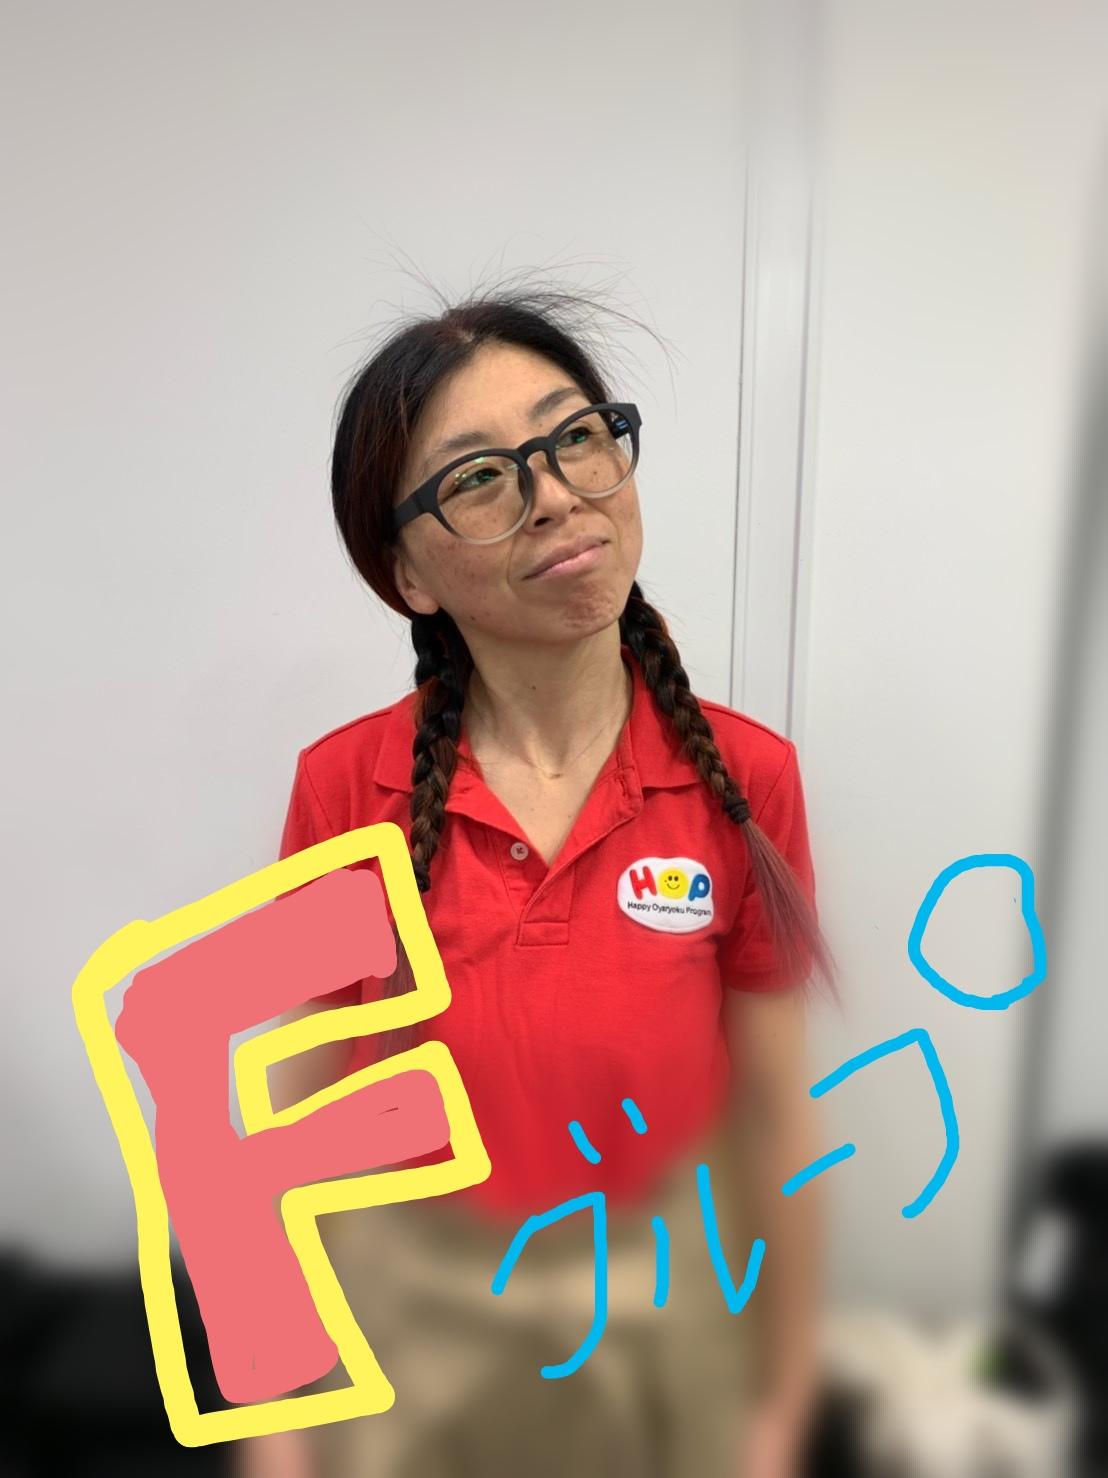 2019.5.28 1010HAPPY藤沢クラス Fグループ